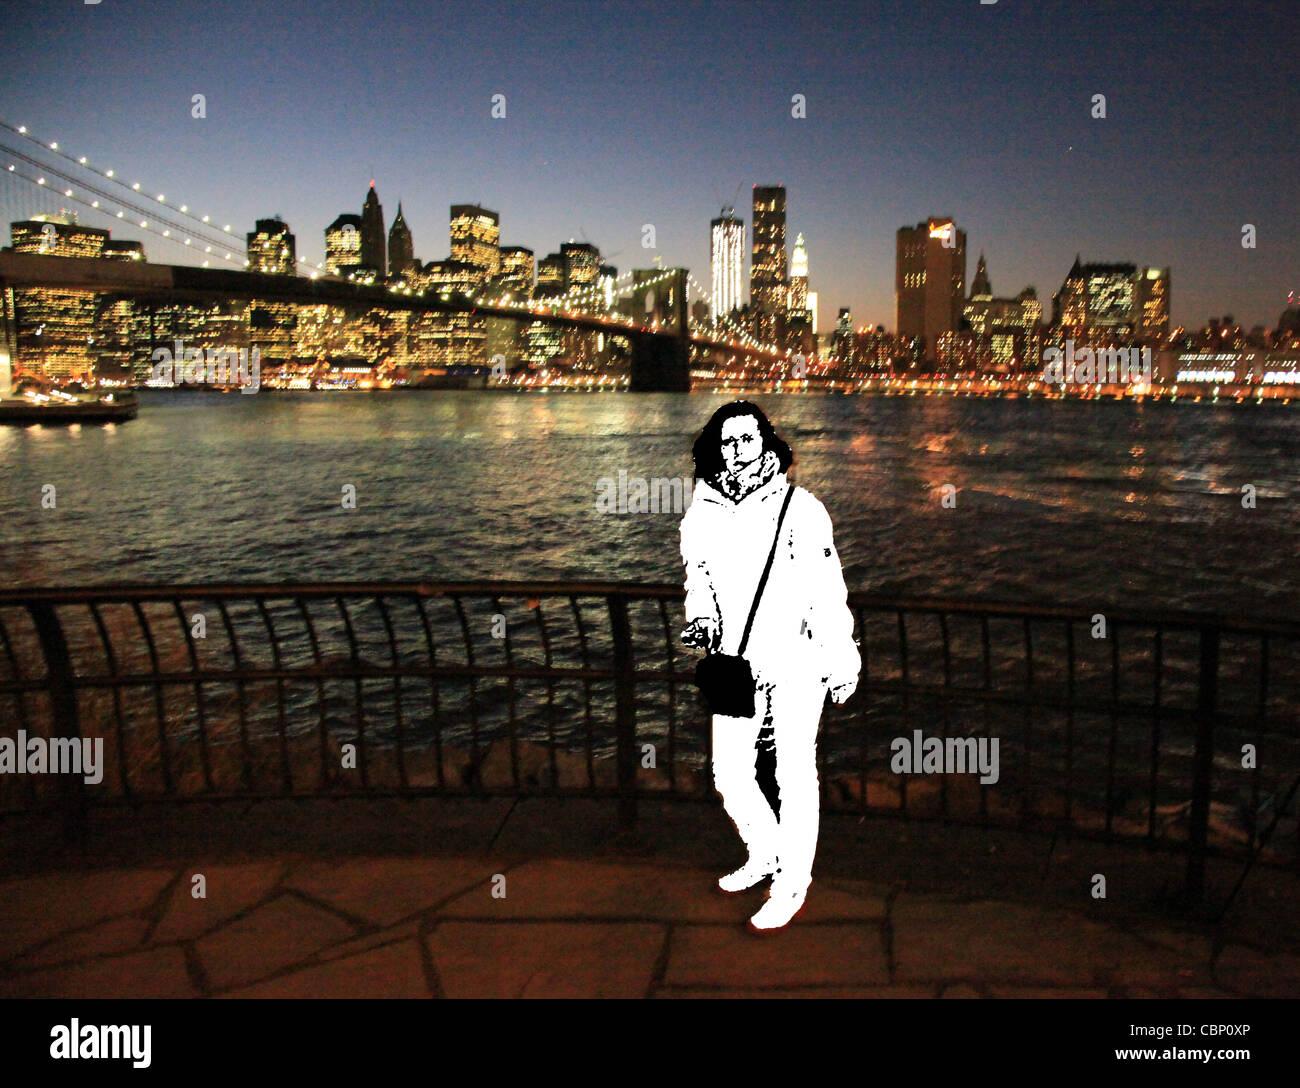 USA New York City - Pont de Brooklyn dans la nuit avec un modèle spécial en b/w Photo Stock